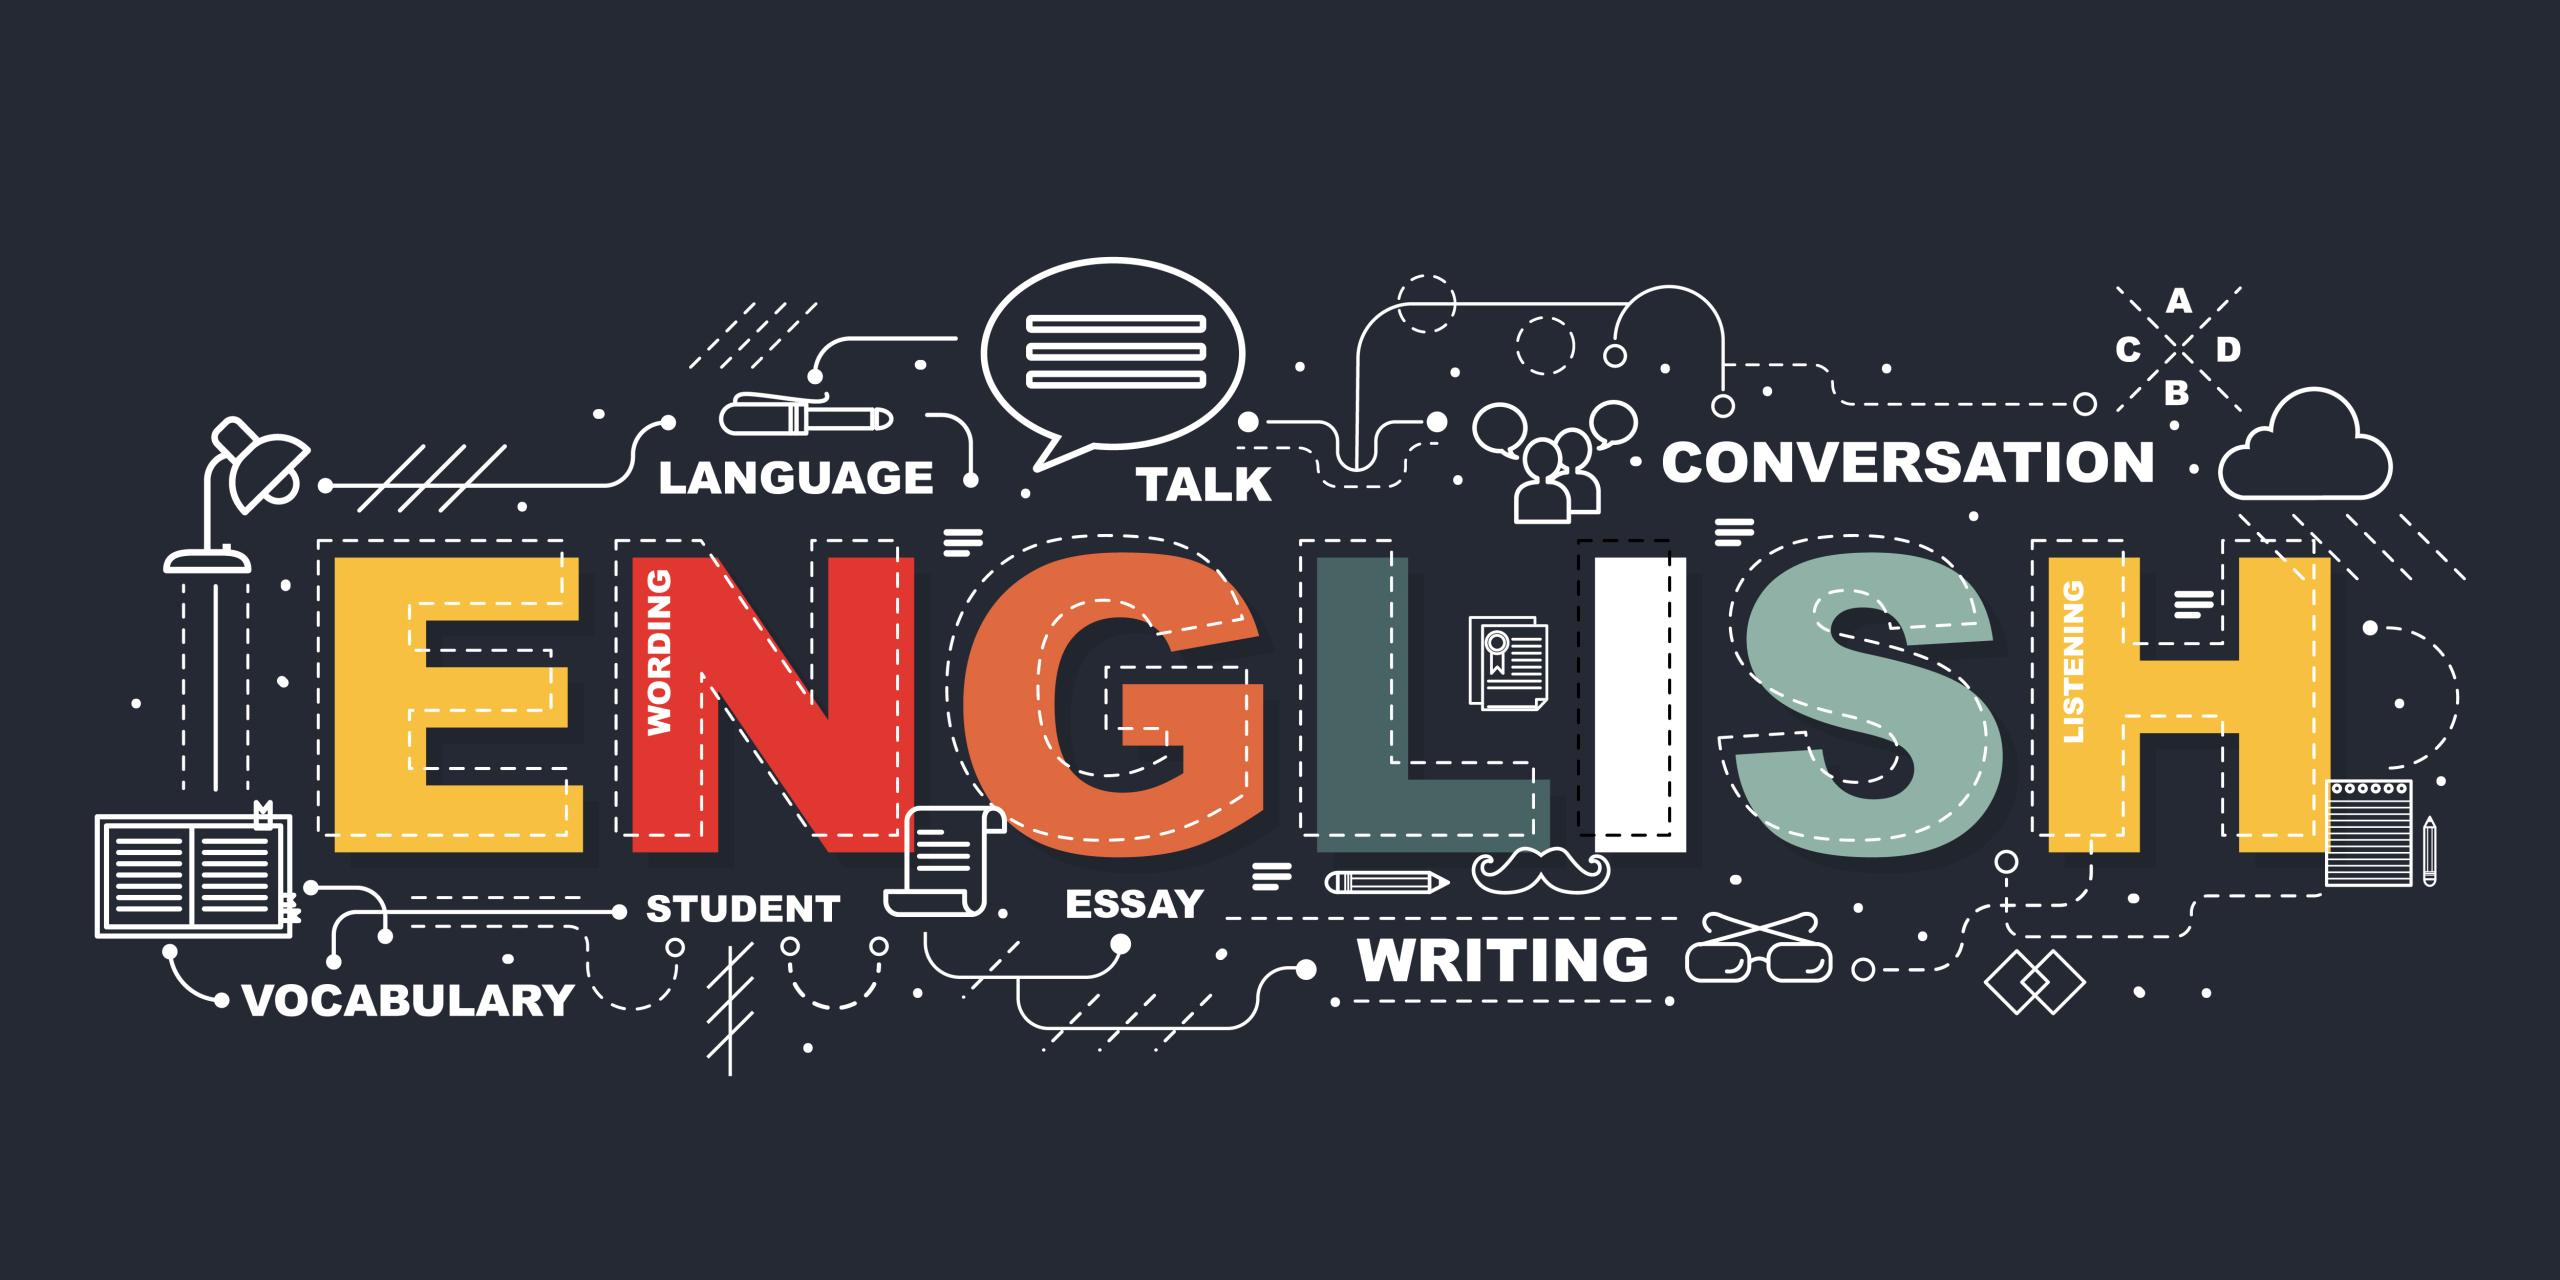 hardest-part-learning-english